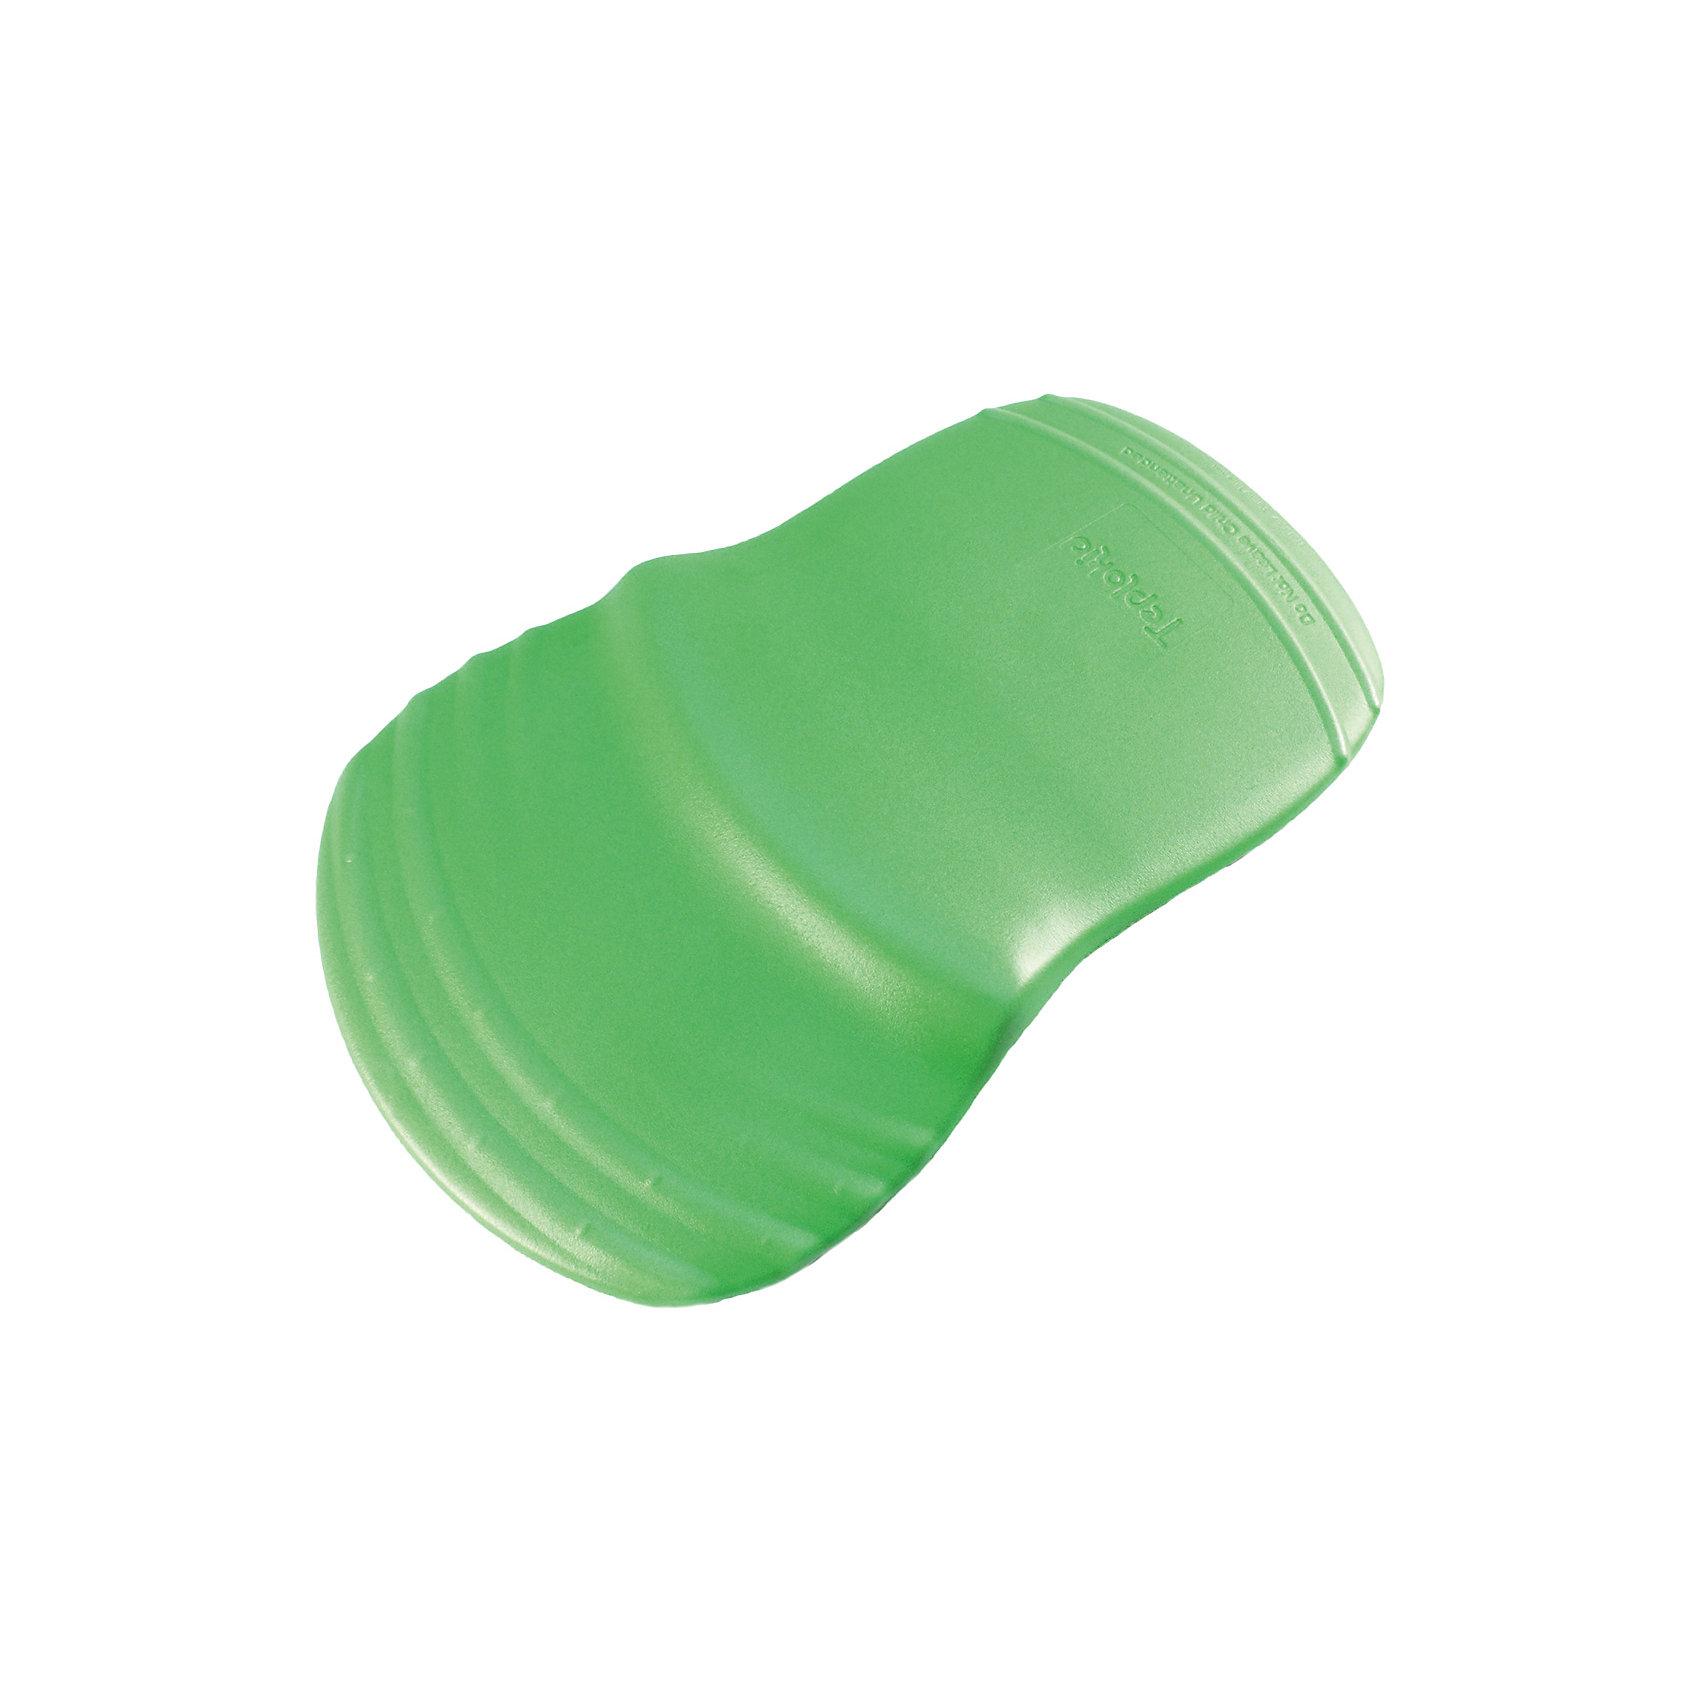 Массажный коврик, Teplokid, зеленый